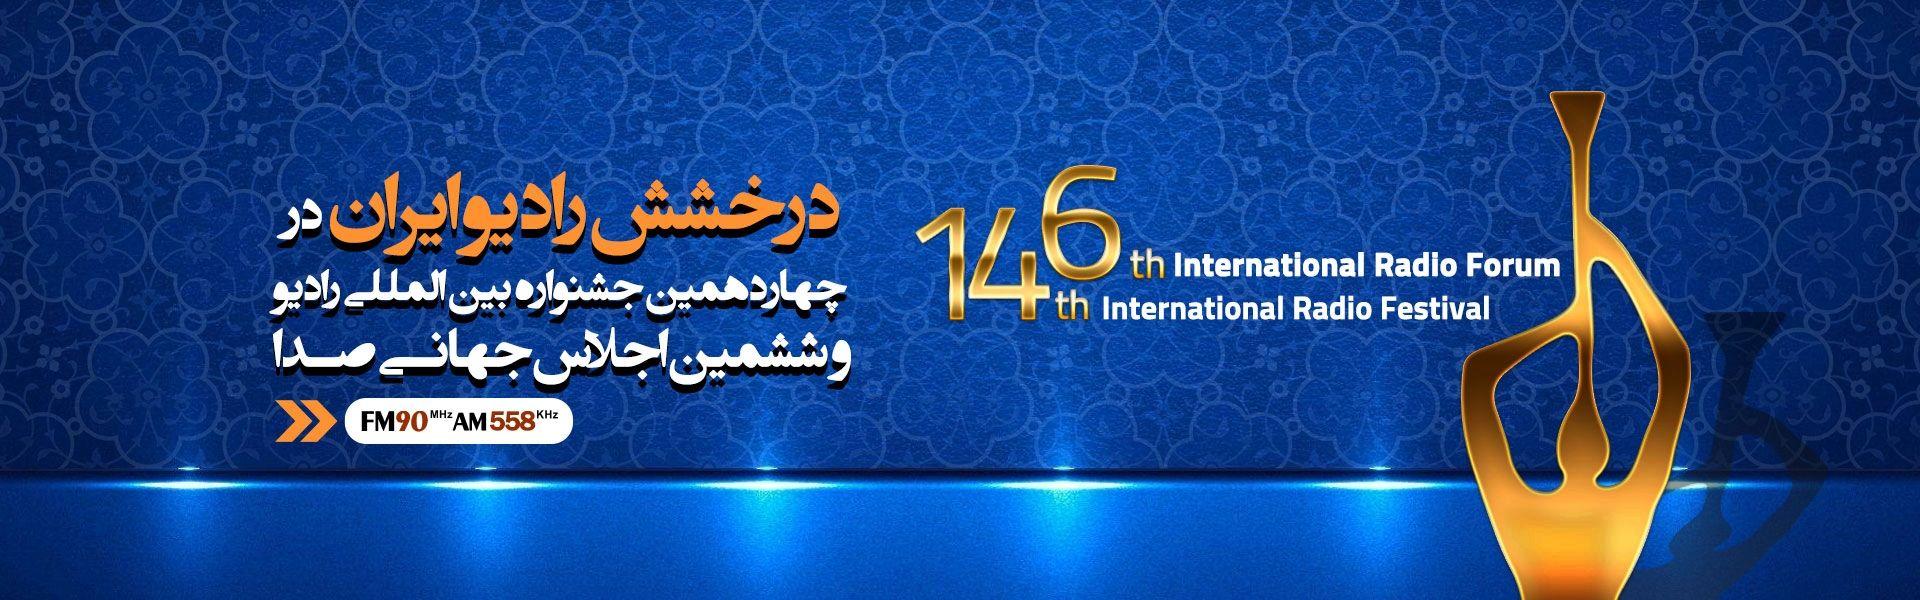 موفقیت رادیو ایران در جشنواره رادیو